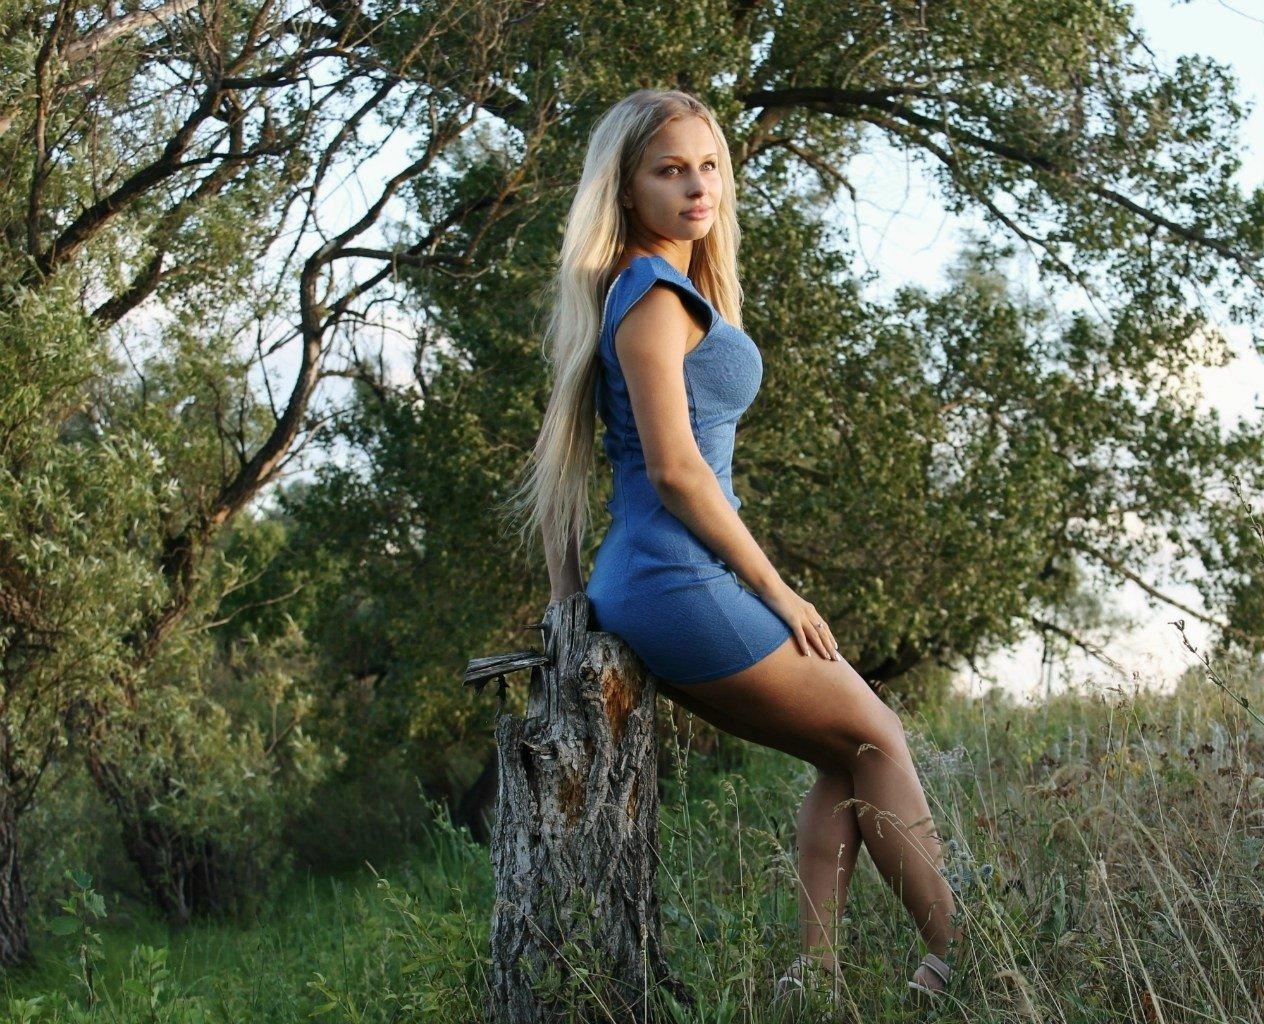 народного фото из сетей кемеровские девы неуместным использованием